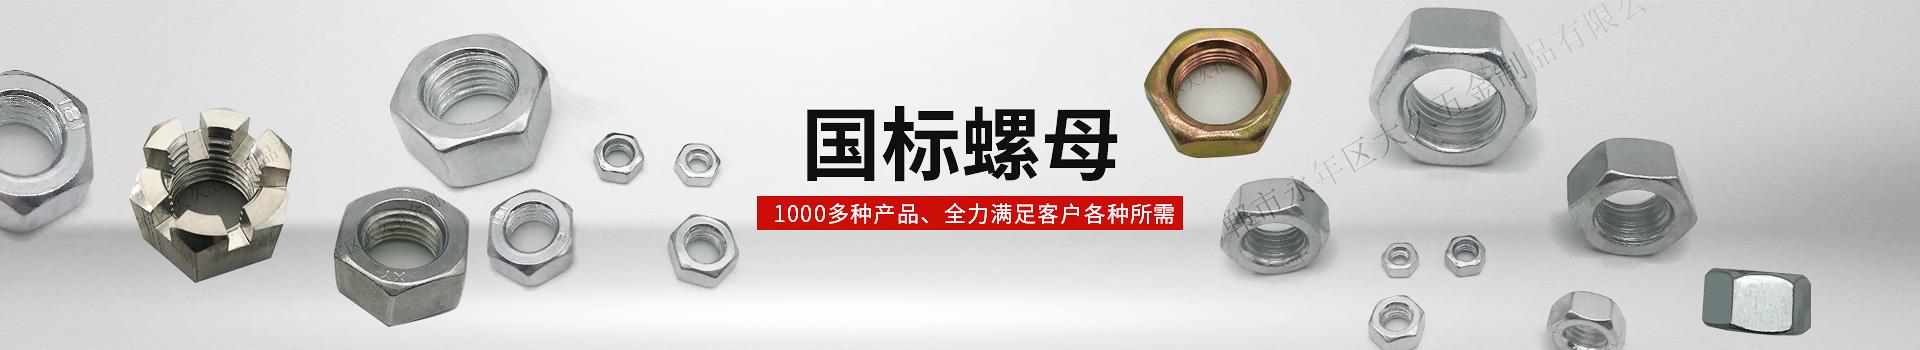 大久国标螺母,1000多种产品,全力满足客户各种所需